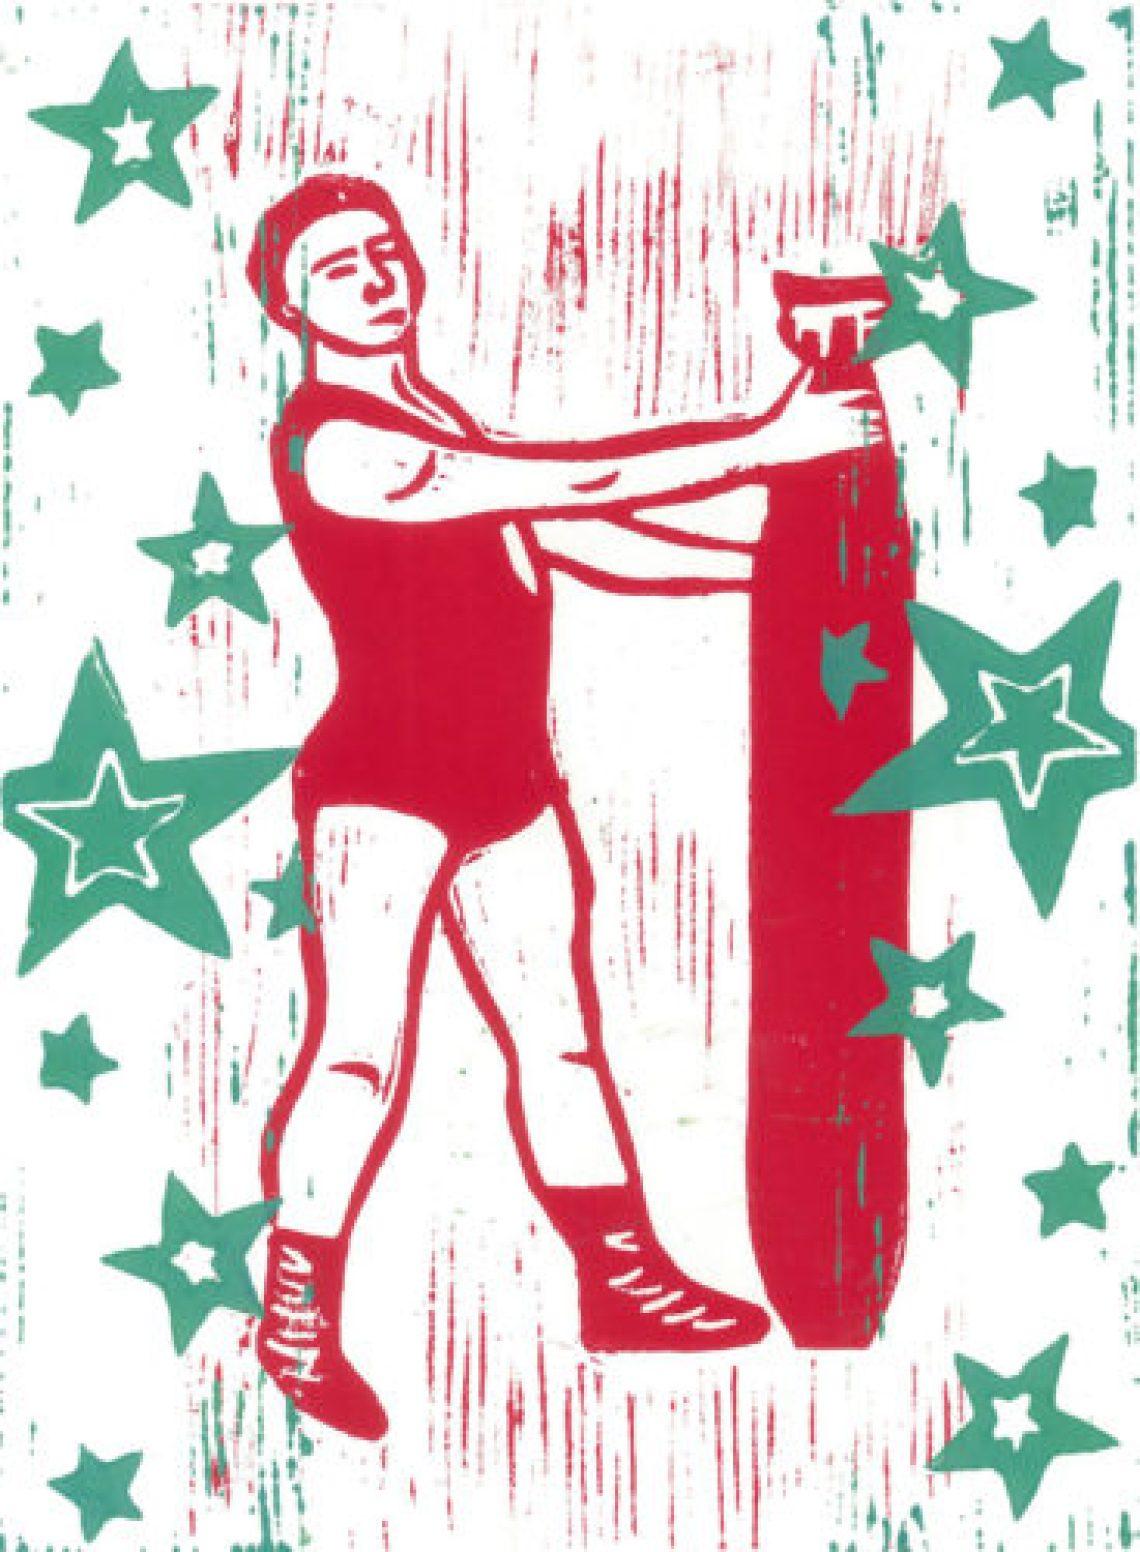 L'Homme à l'obus # red & green